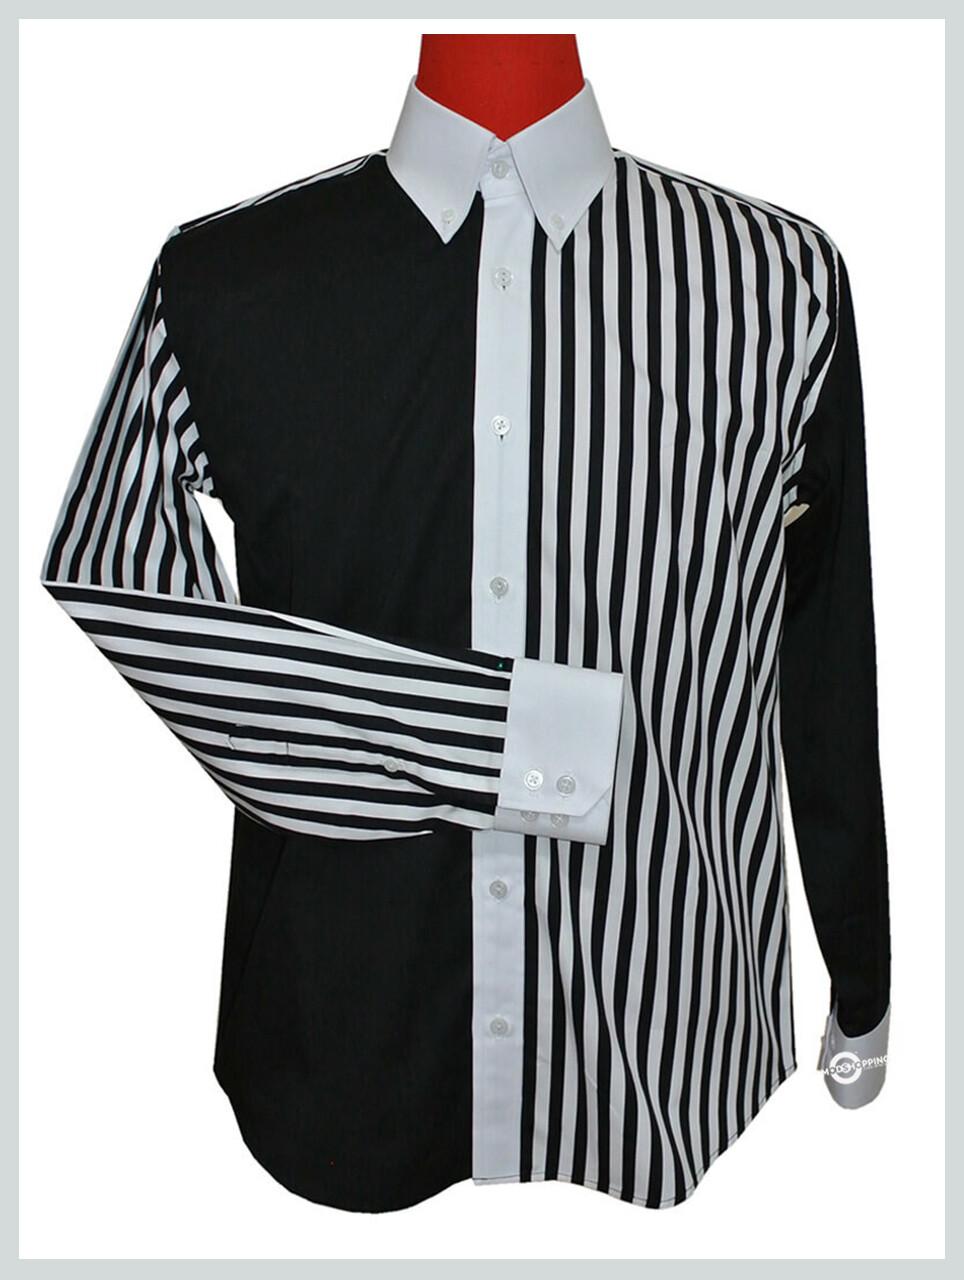 Vintage Style Roger Daltrey Black & White Button Down Shirt